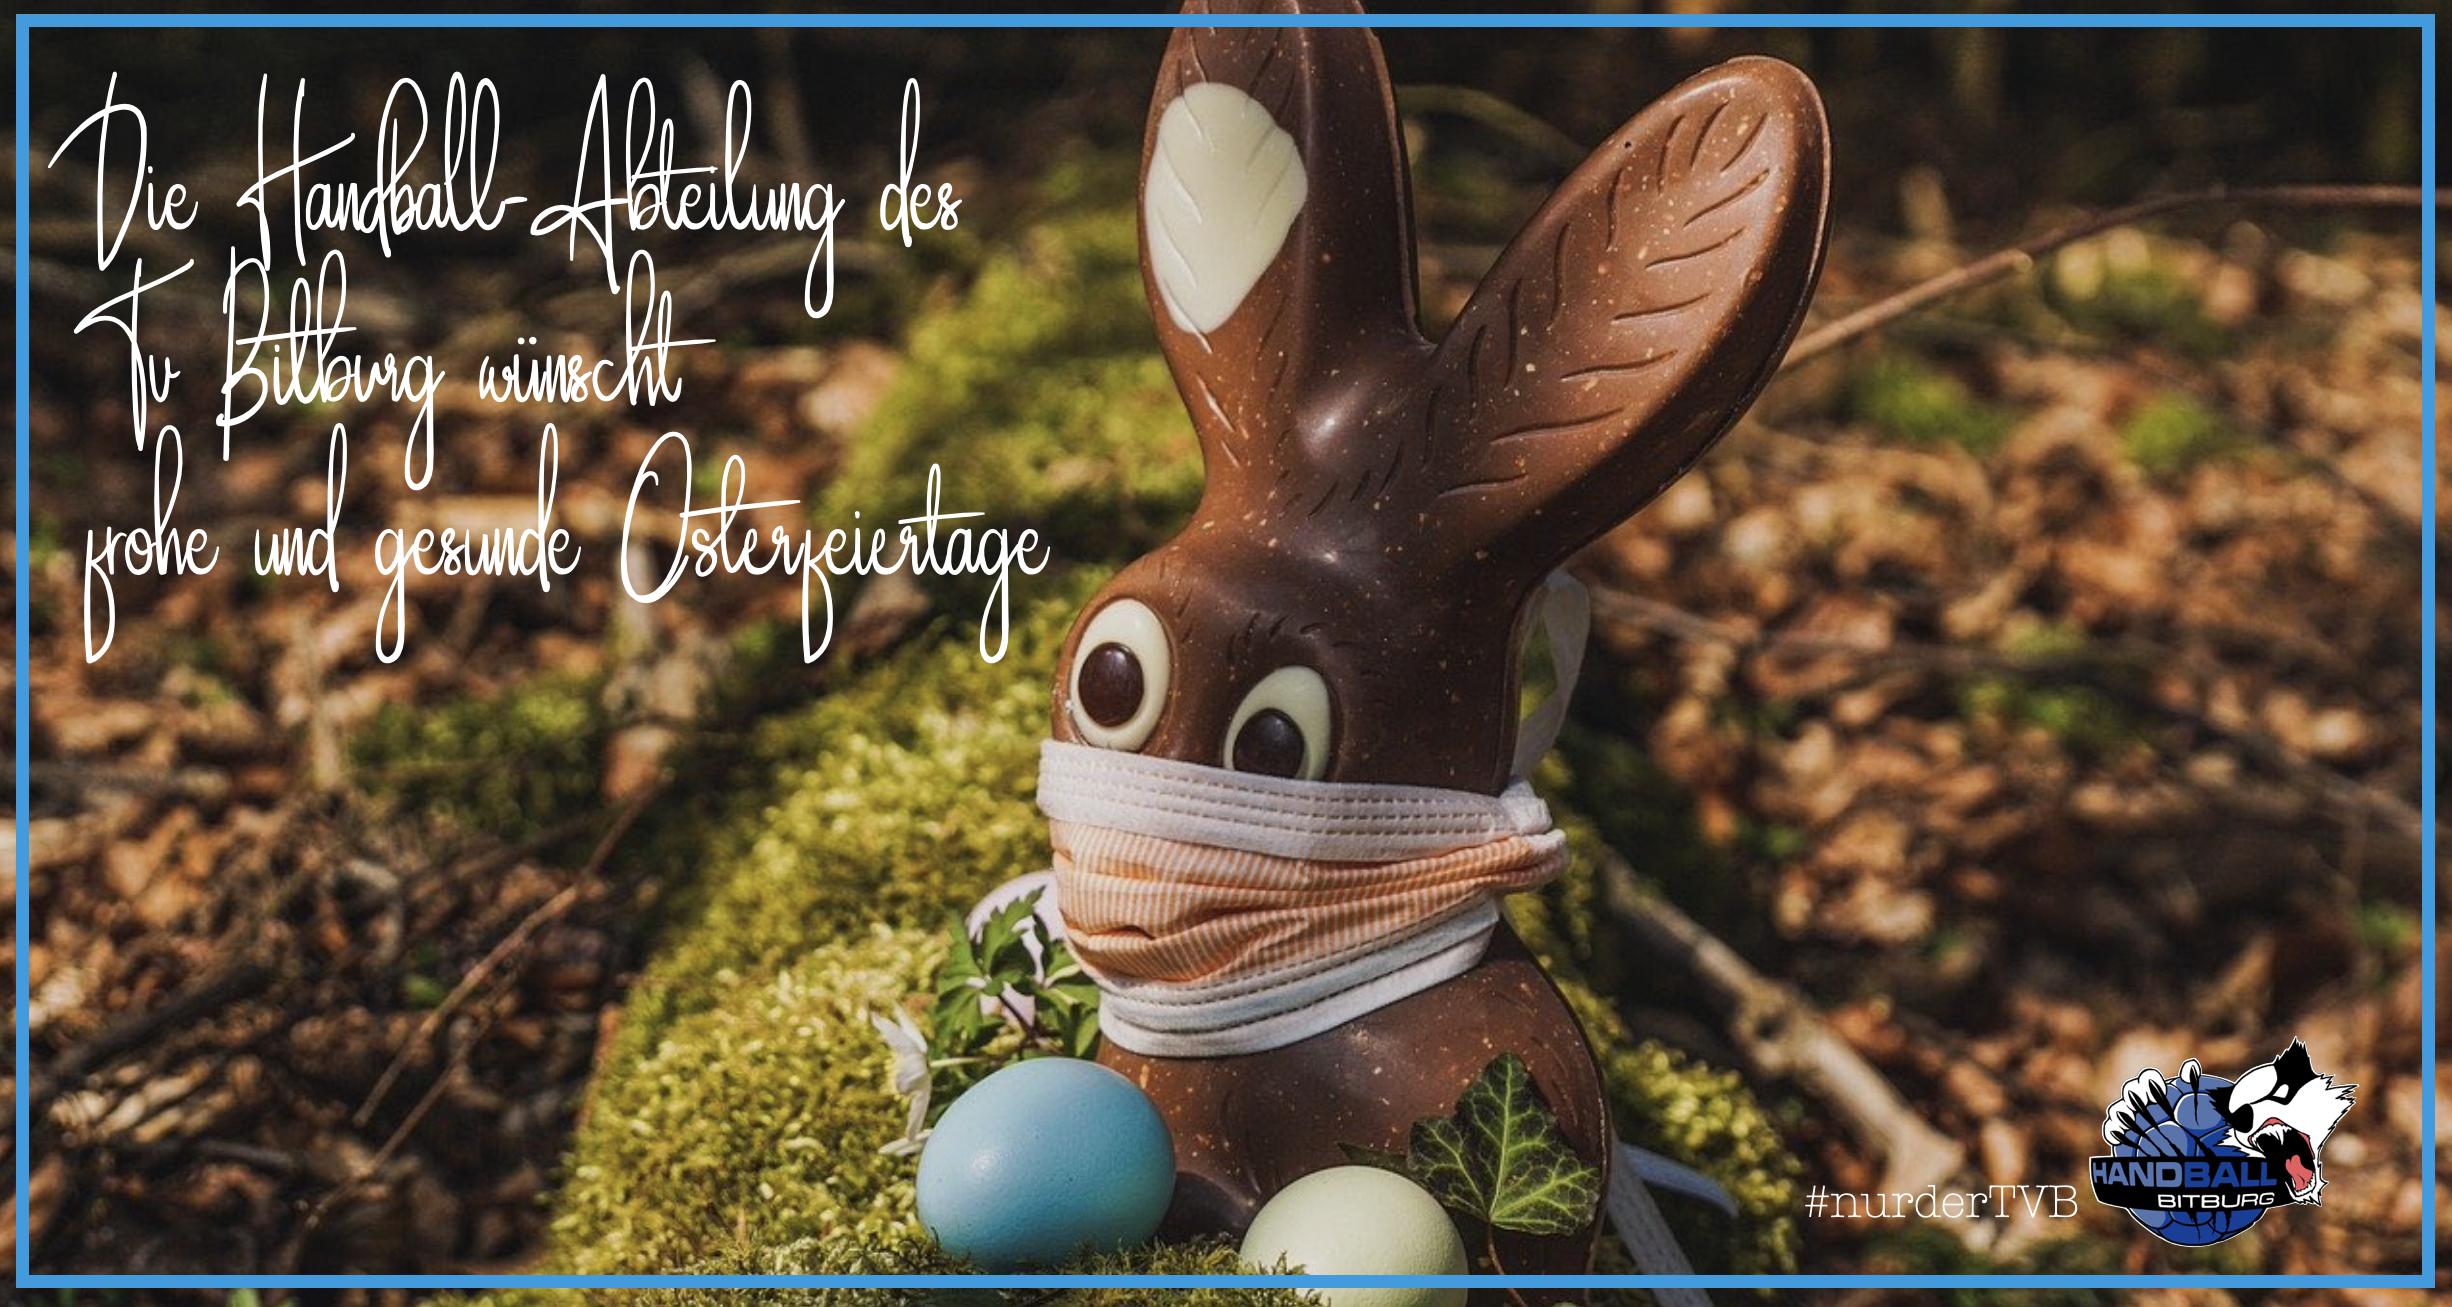 Wir wünschen Euch frohe Osterfeiertage!